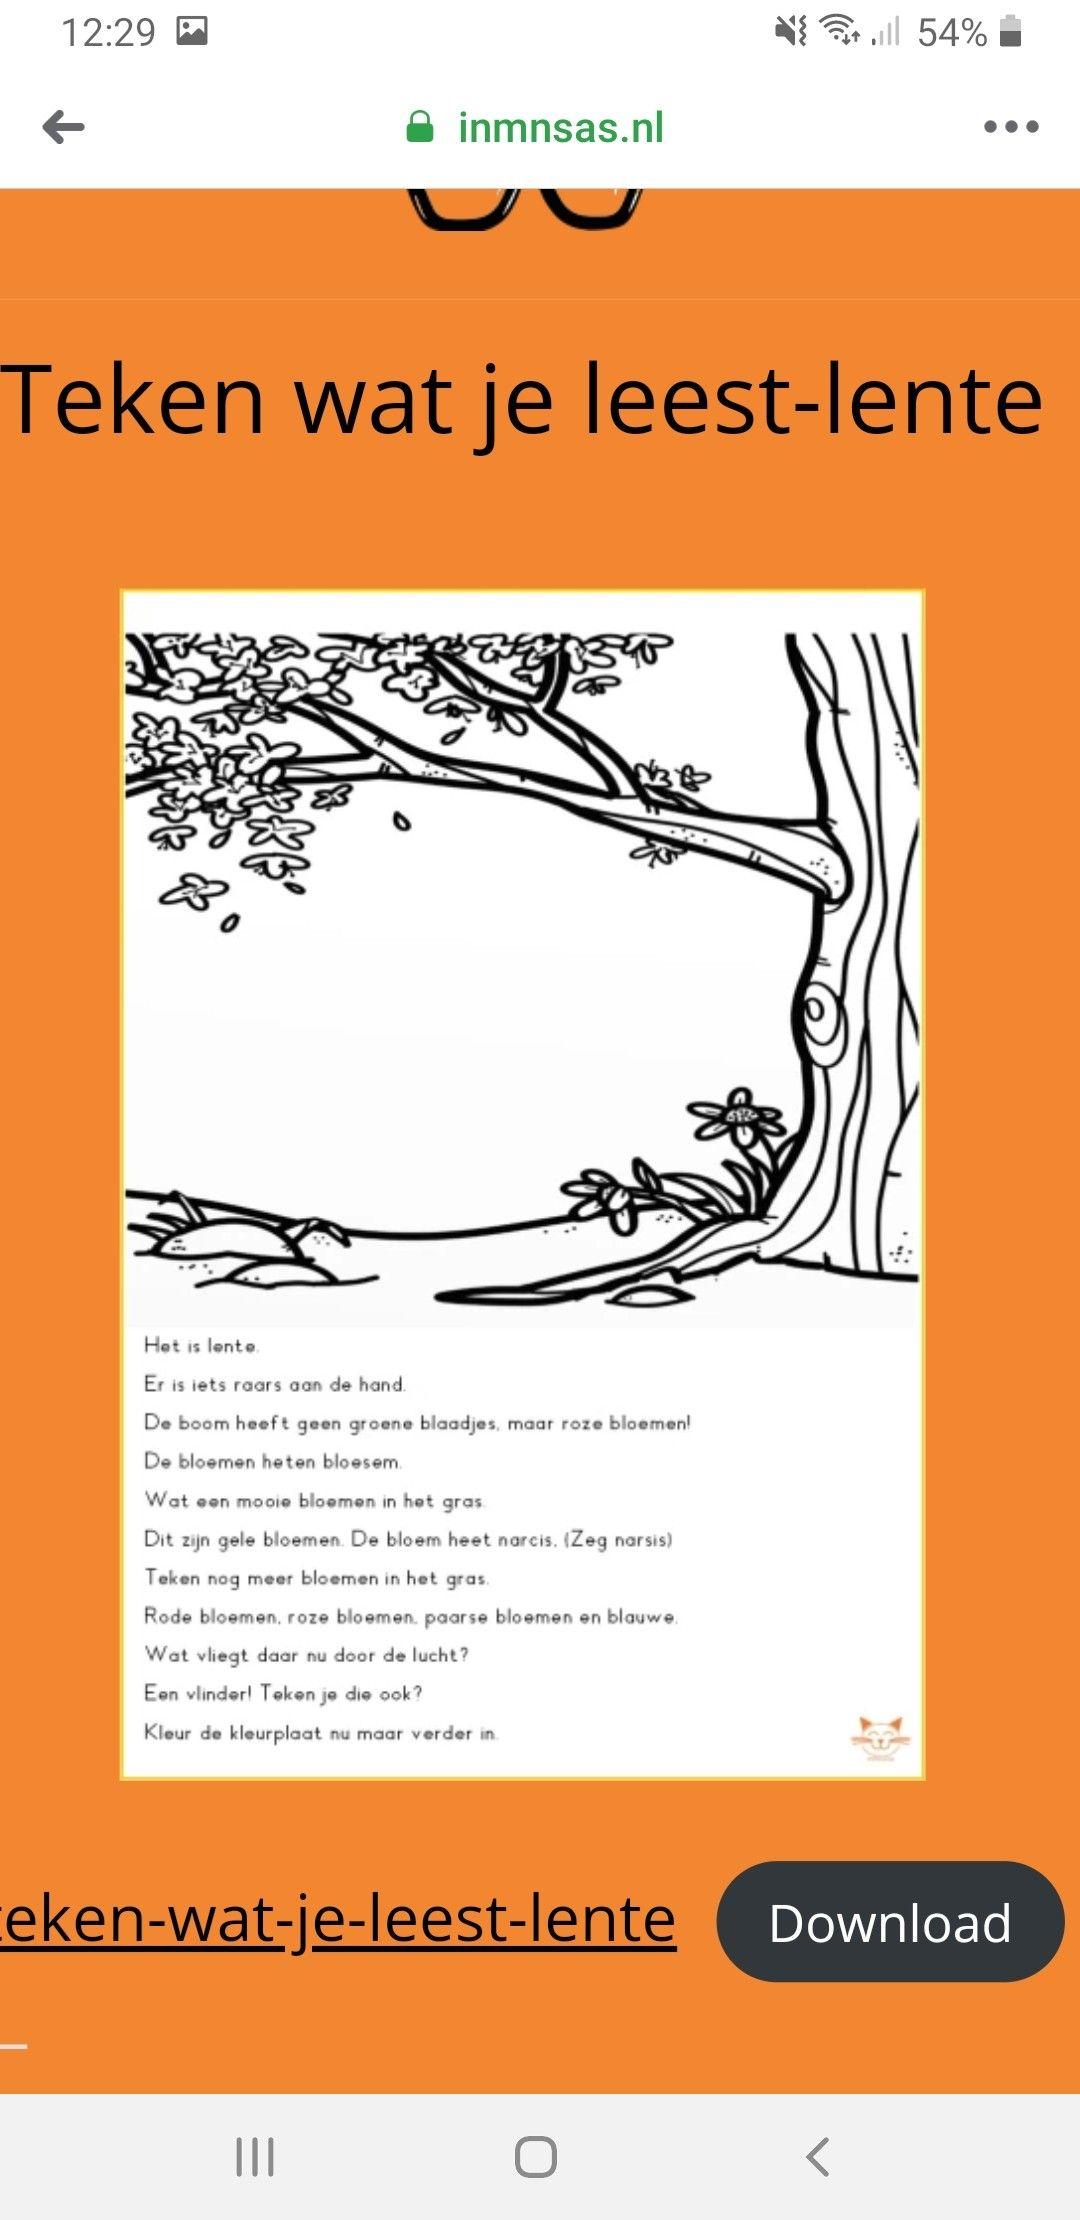 Pin Van Anouk Mensink Op Groep 3 Taal Lezen Spelling Gele Bloemen Mooie Bloemen